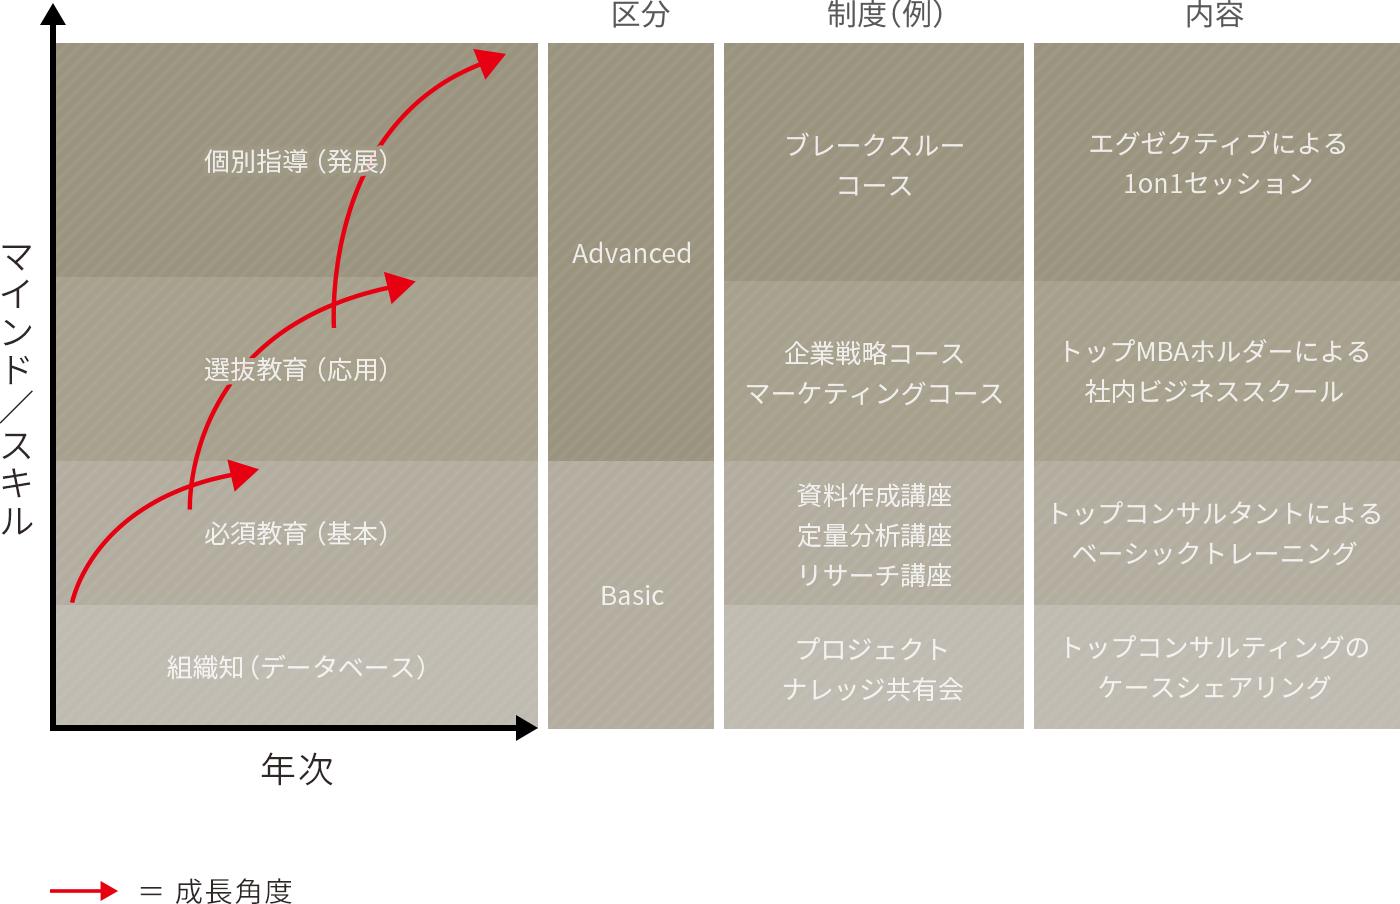 """育成のコンセプトは""""連続成長""""と""""非連続成長のバランス"""""""